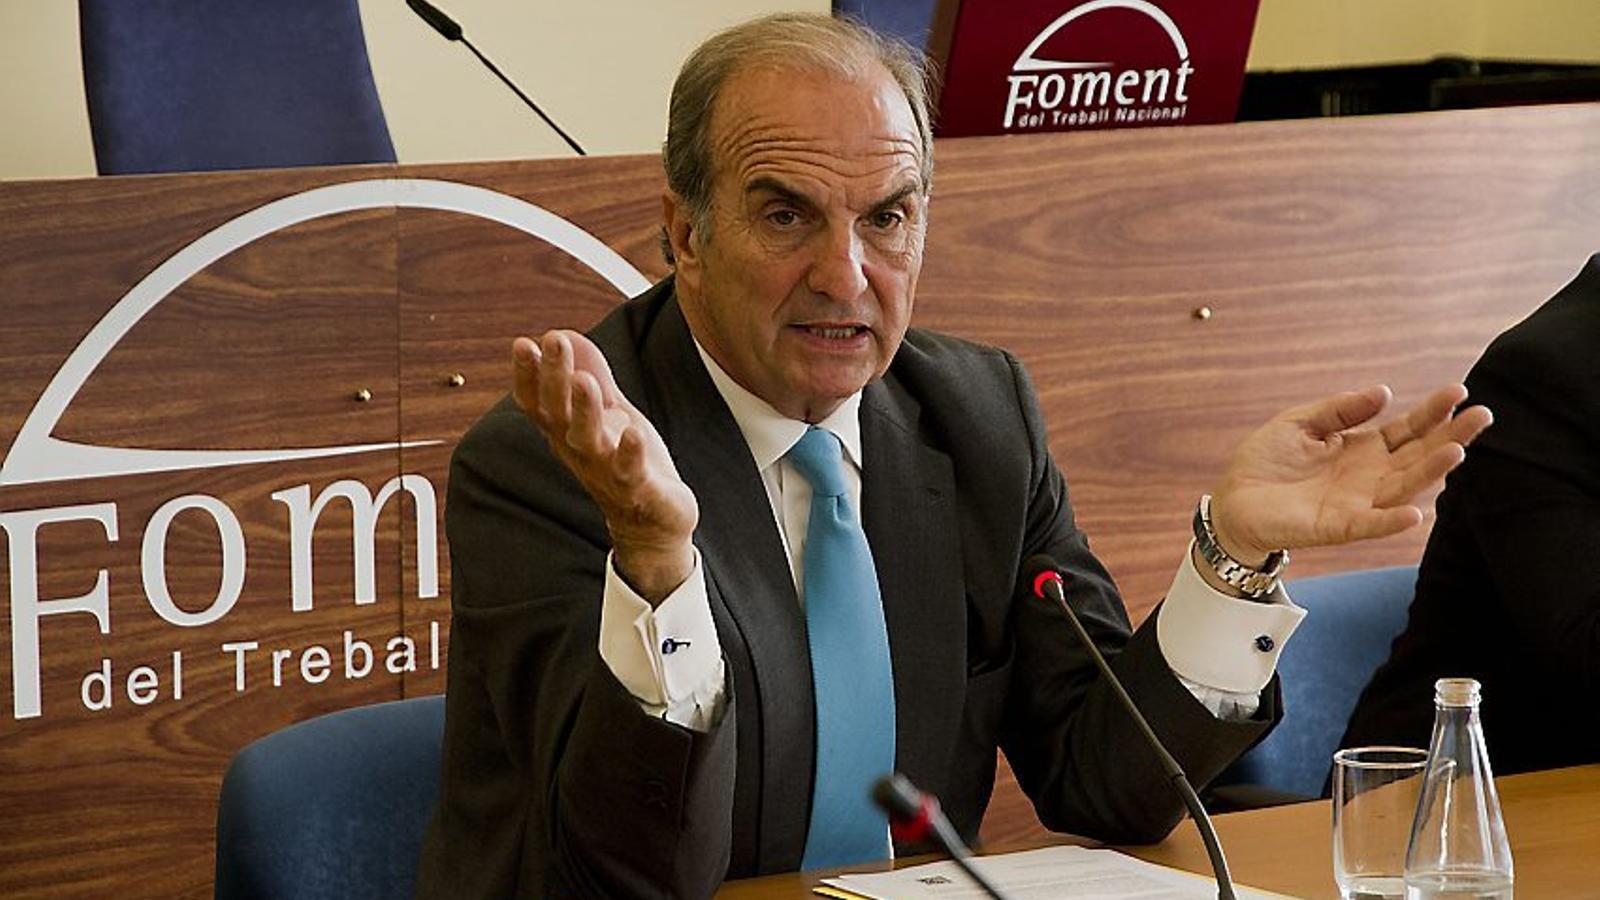 ÚLTIM MANDAT   El president de Foment del Treball, Joaquim Gay de Montellà, afrontaria el segon i últim mandat al capdavant de la patronal.